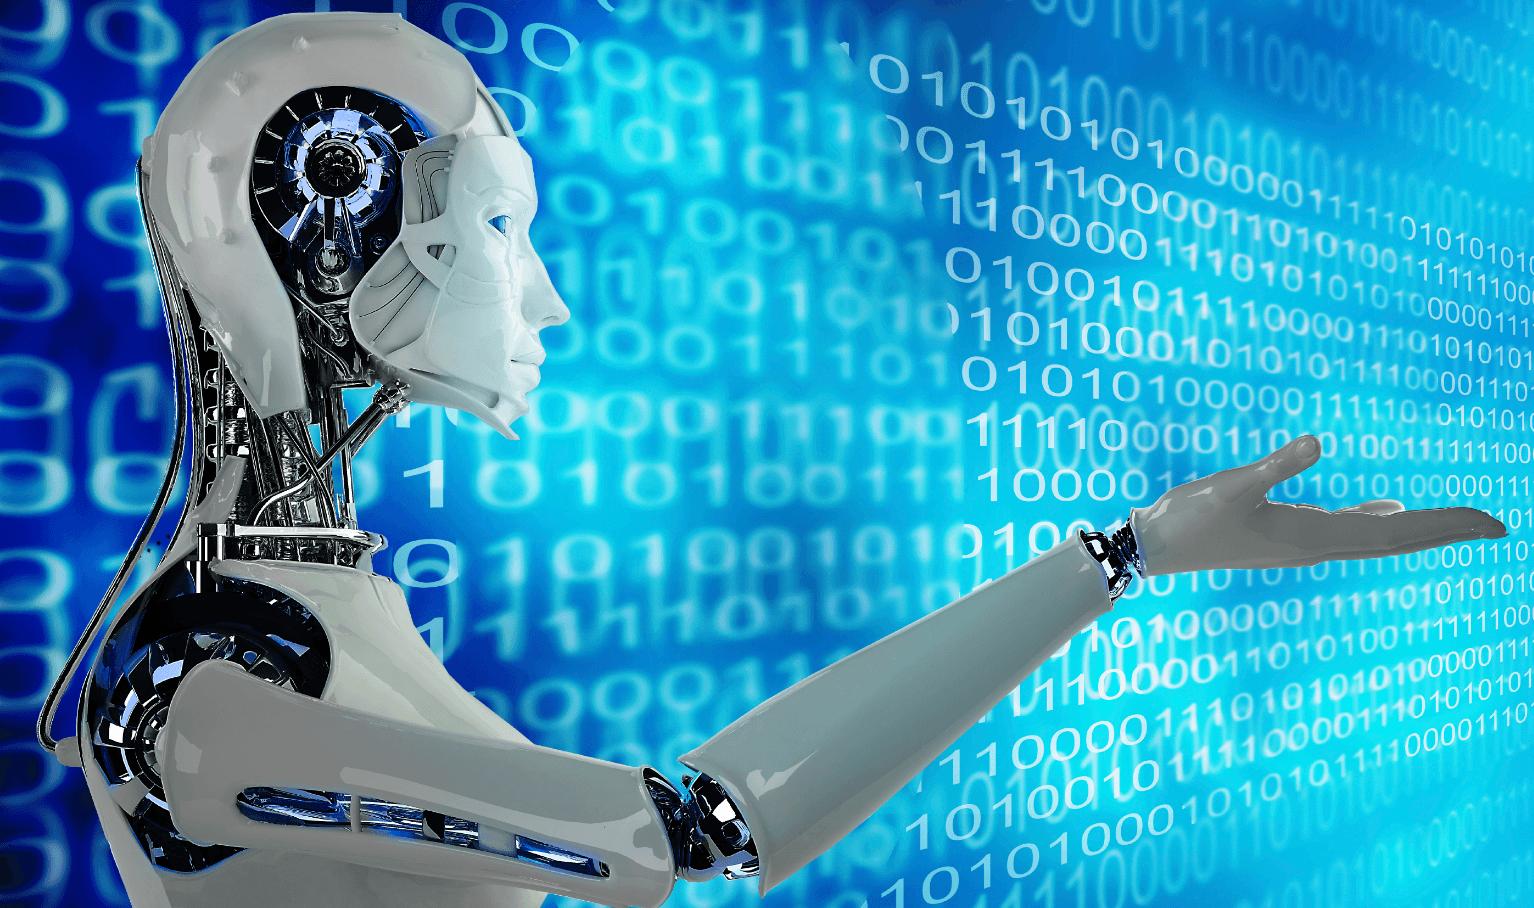 В американском колледже появился робот, преподающий философию